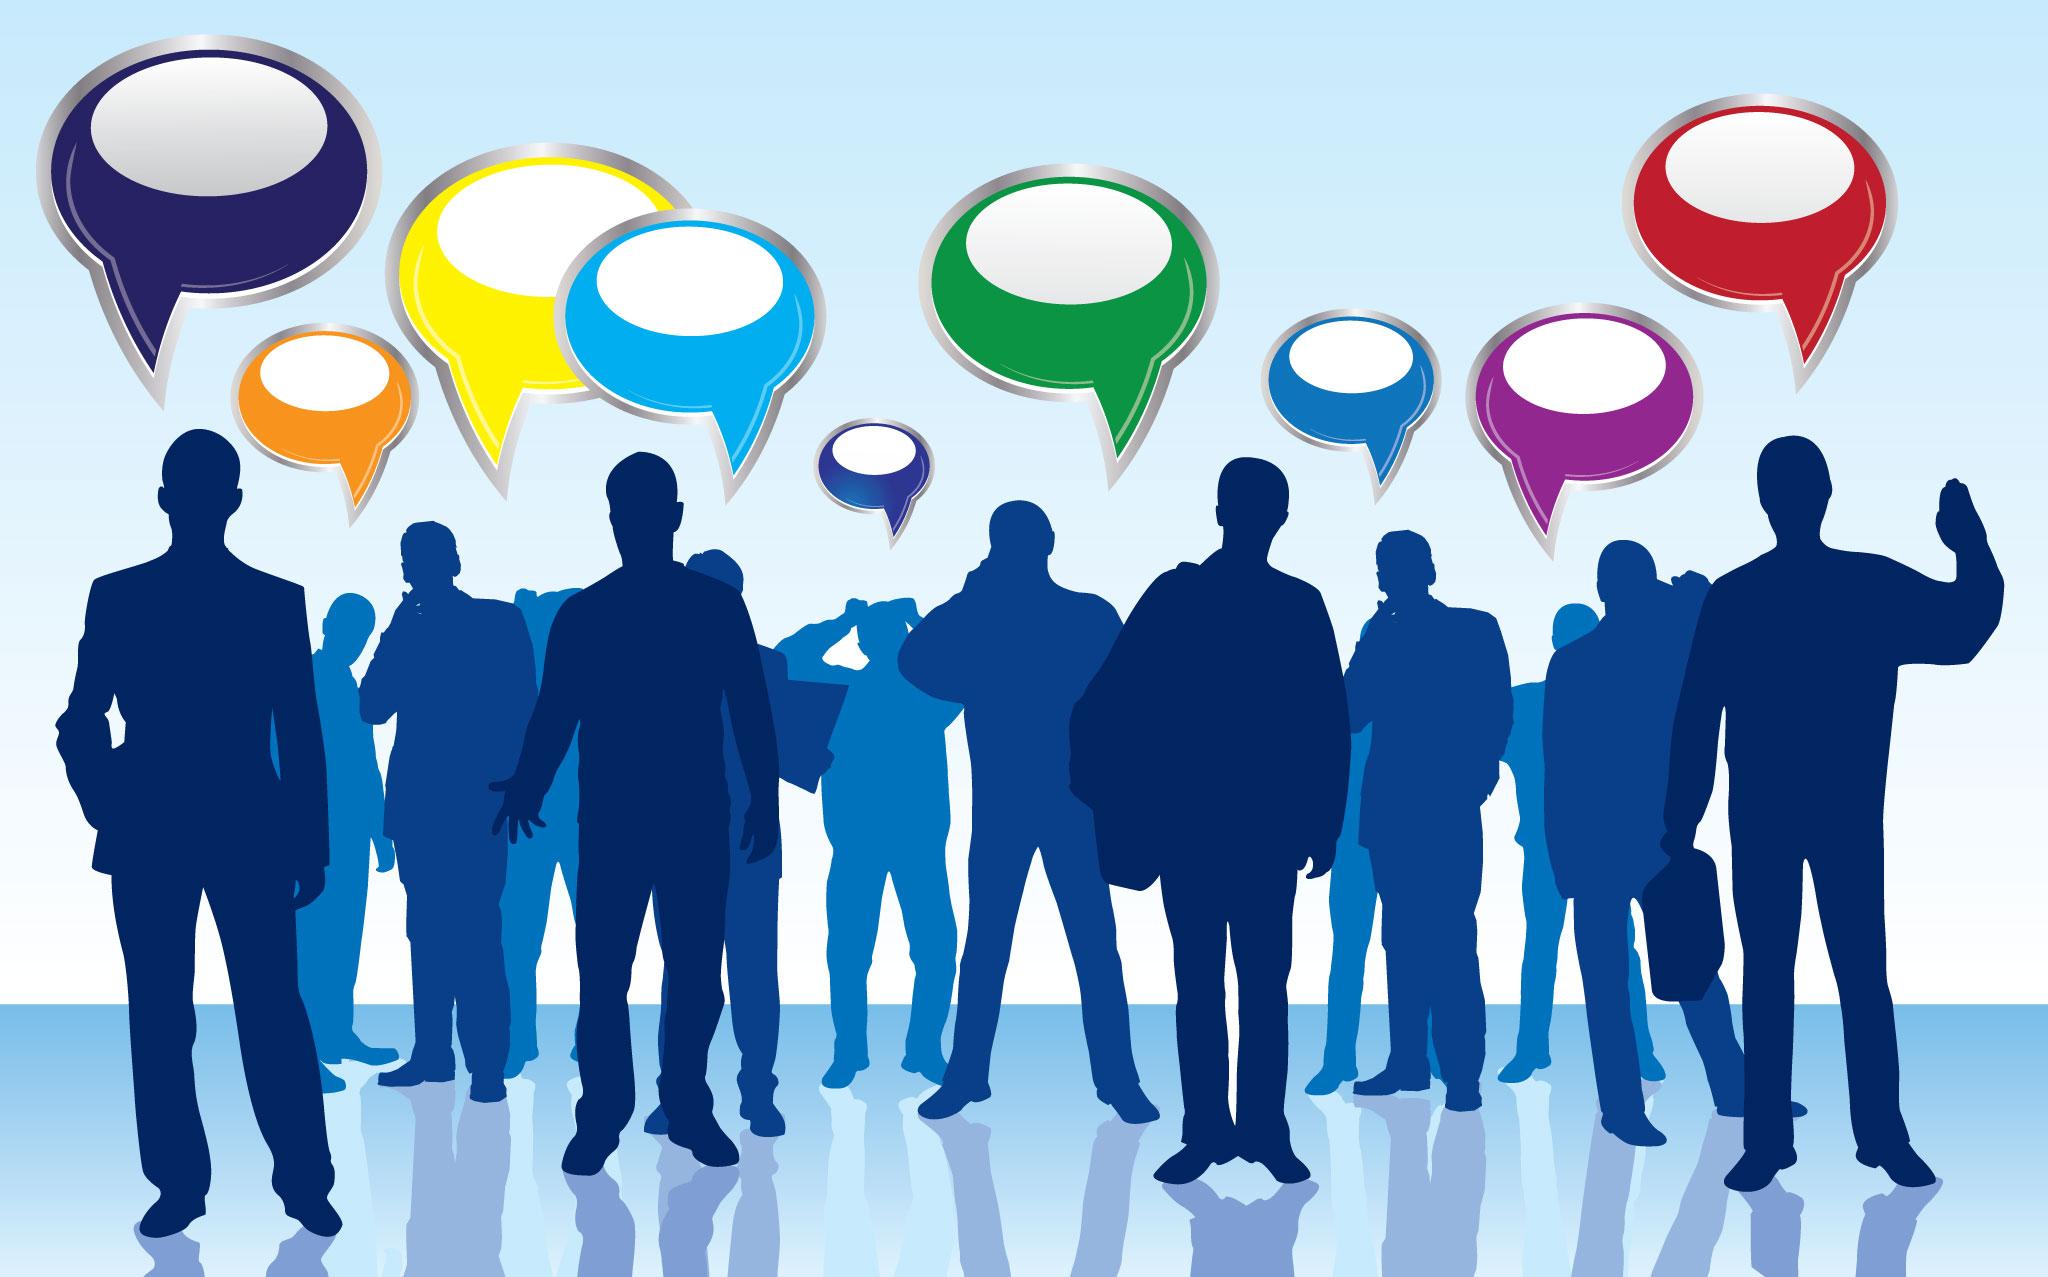 اثرگذاری در گرو توجه به نیازهای جامعه است